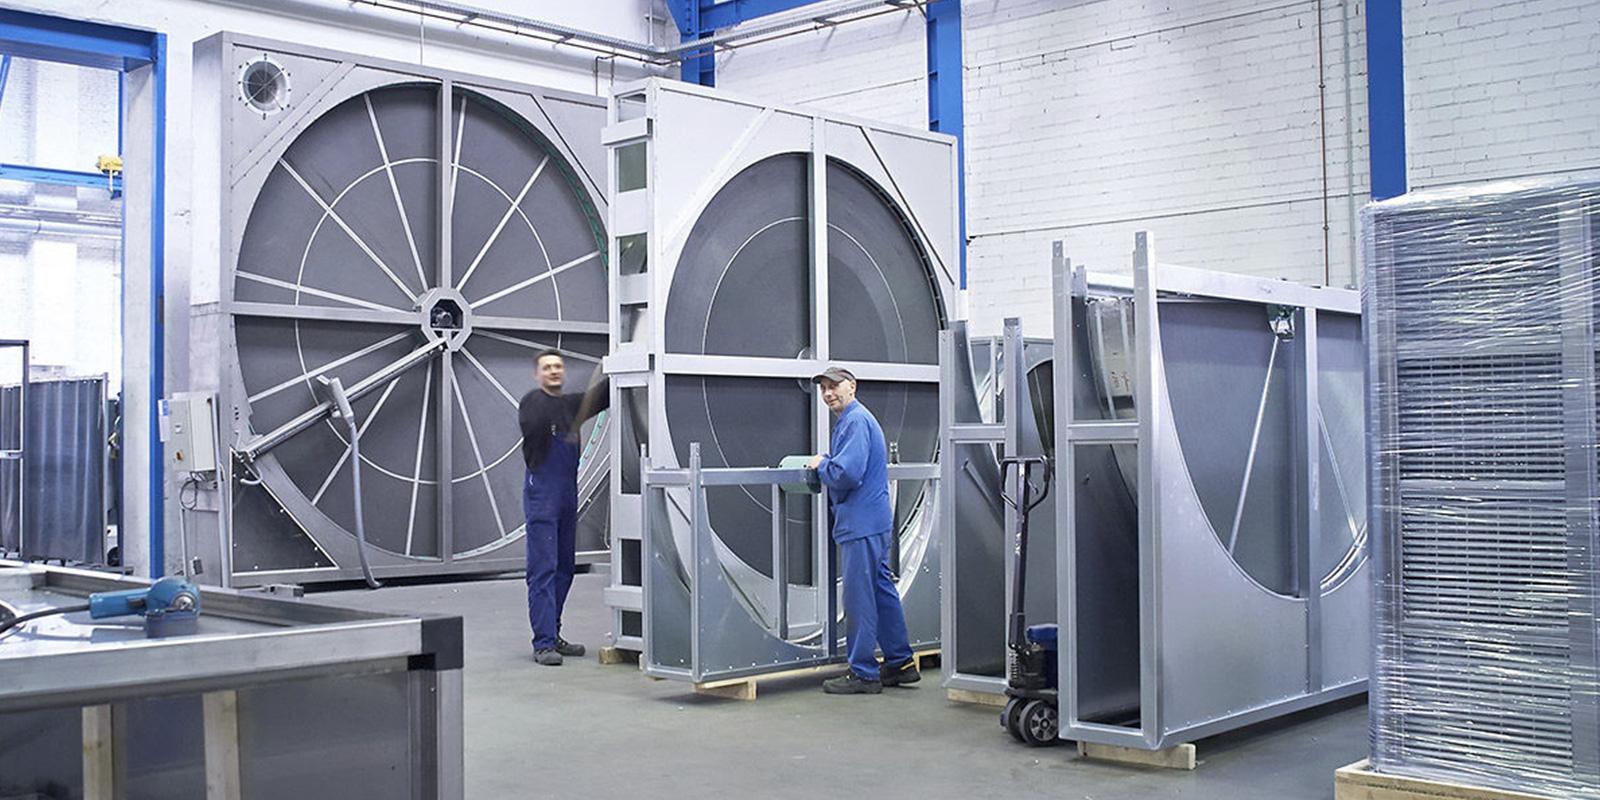 Reducering af støj og vibrationer i ventilationsanlæg